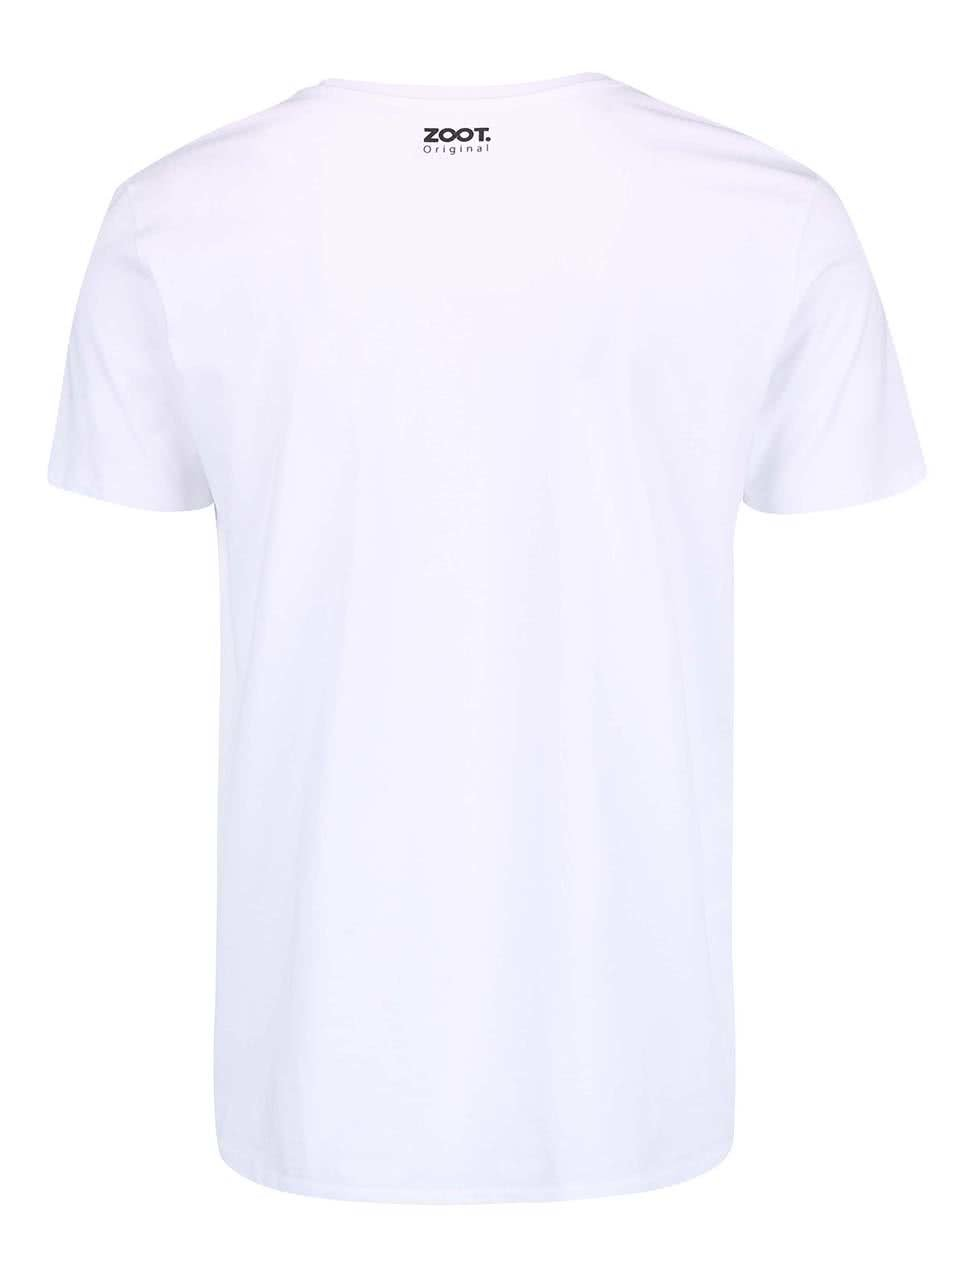 79c1fc5145853 Biele pánske hokejové tričko ZOOT Originál Ihrisko   ZOOT.sk